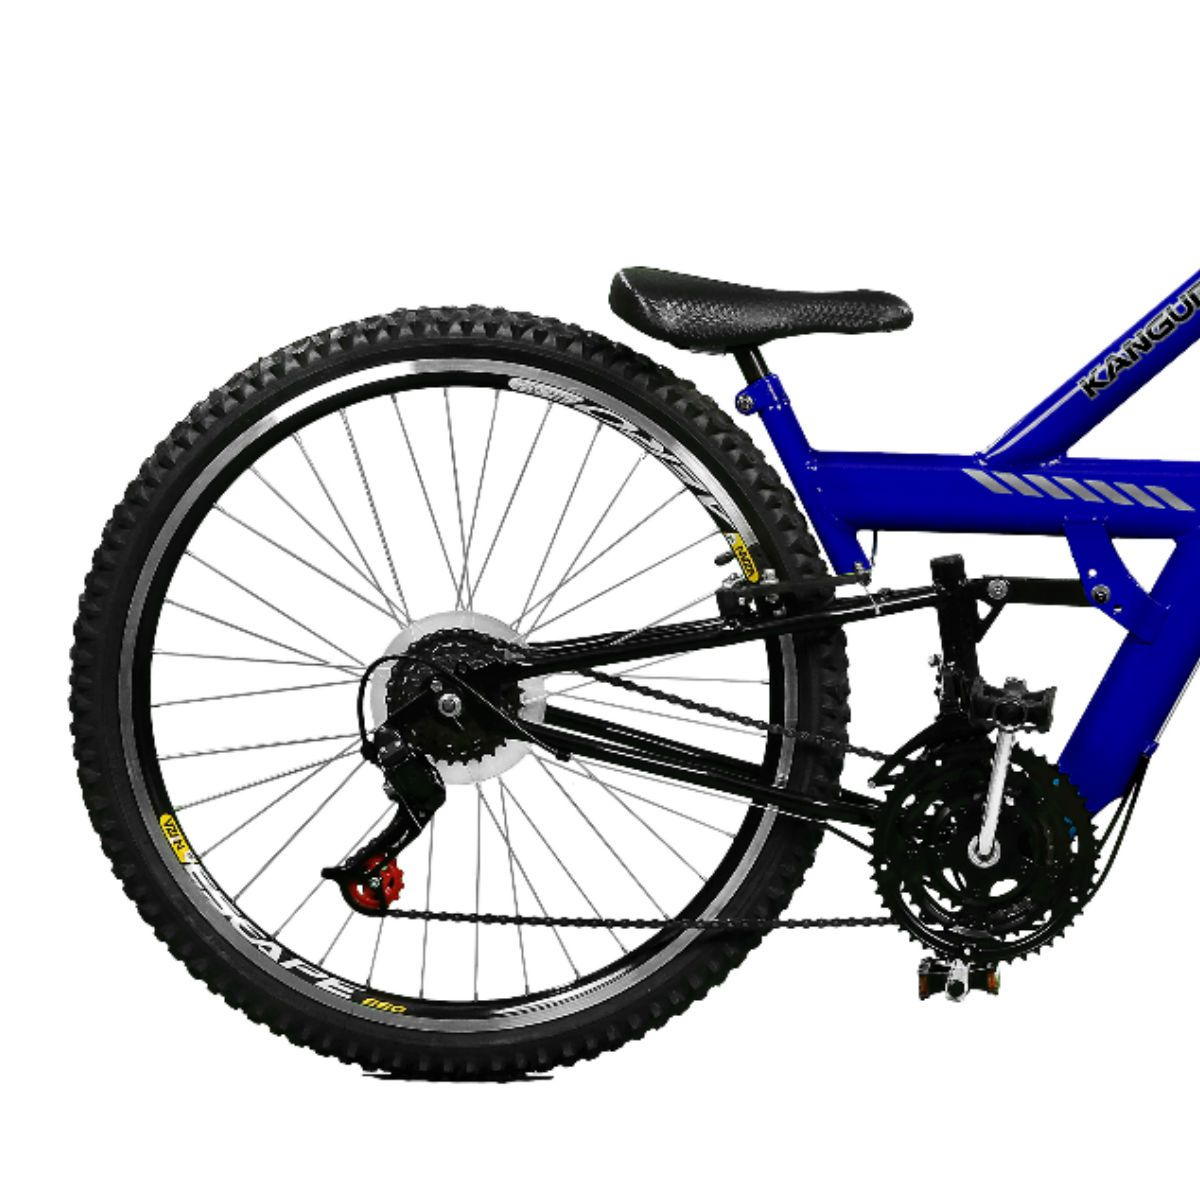 Bicicleta Master Bike Aro 26 Kanguru Rebaixada 21 V A-36 Azul/Preto